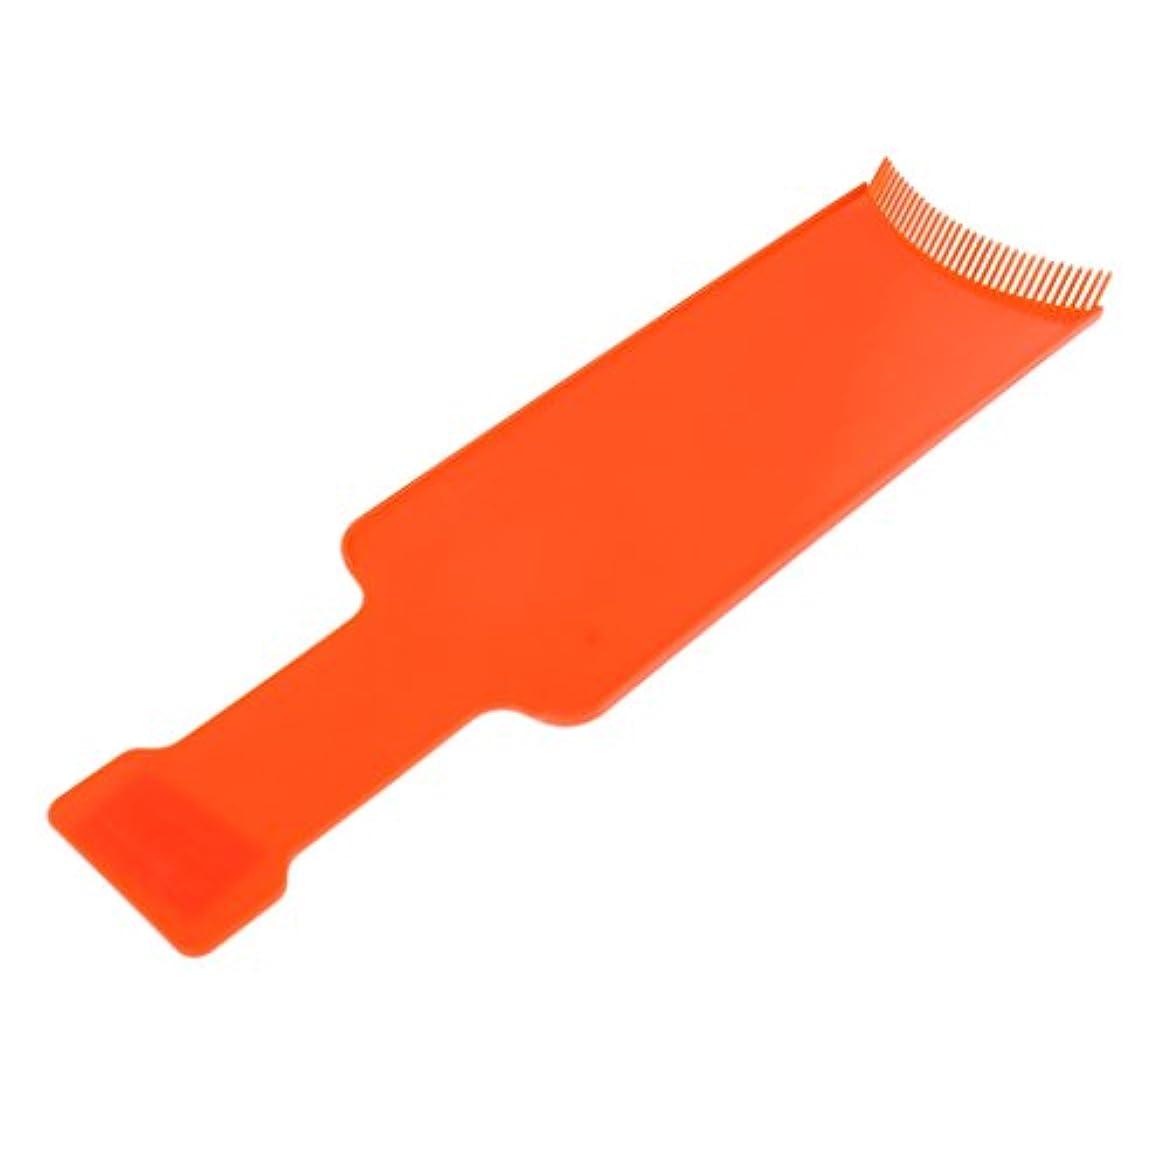 おいしいアイスクリームエンジニアリングT TOOYFUL プロフェッショナル理髪染めボード着色ブラシ色合いくしツール - オレンジ, L